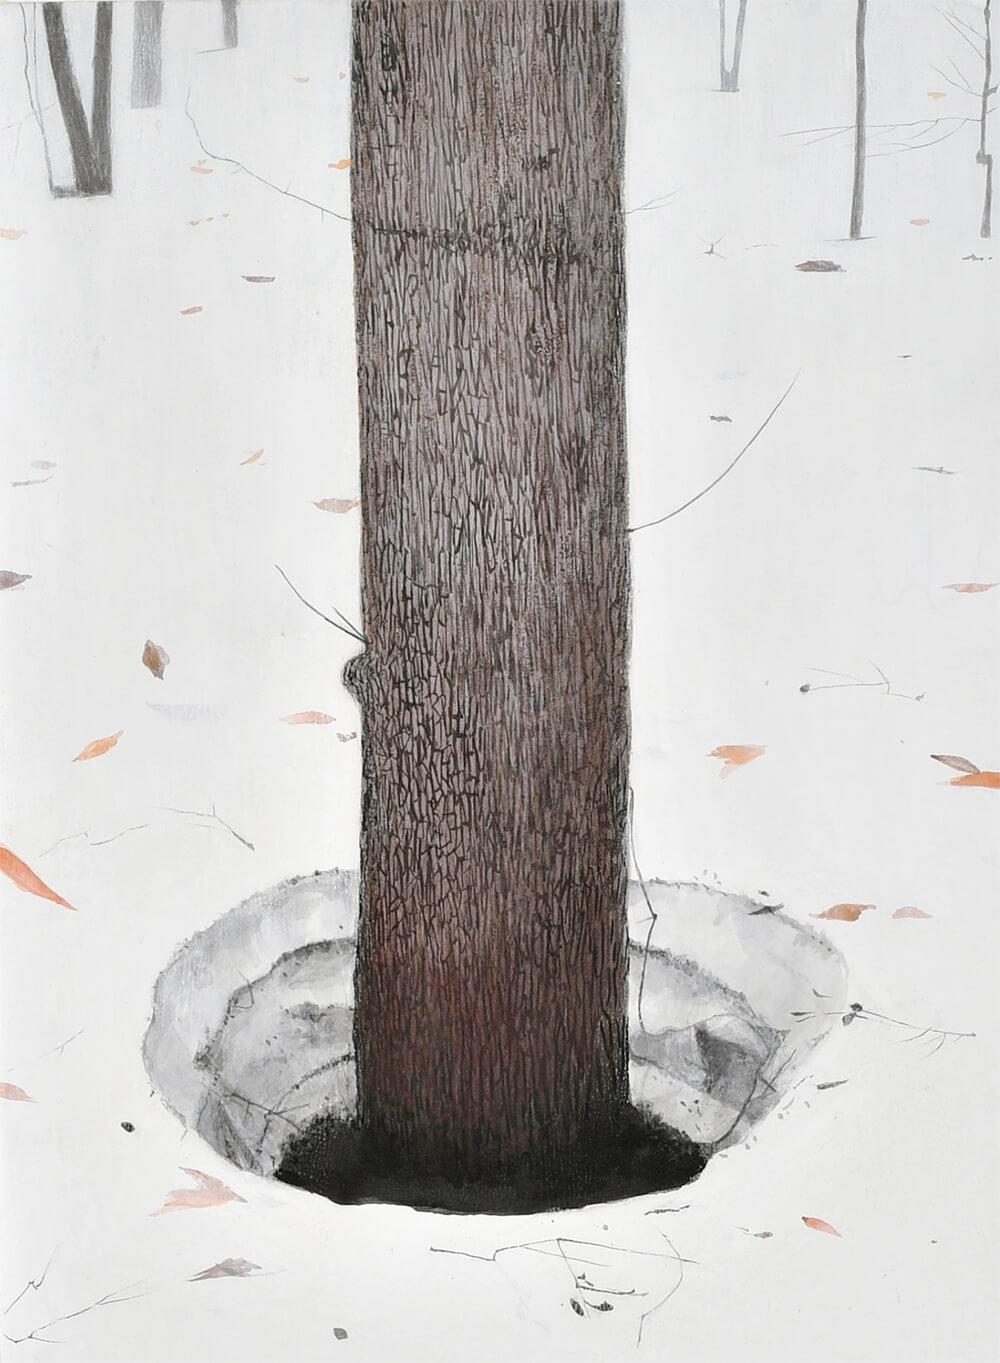 2018年10月27日から開催の「橘 泰司 日本画展」の橘 泰司の作品12